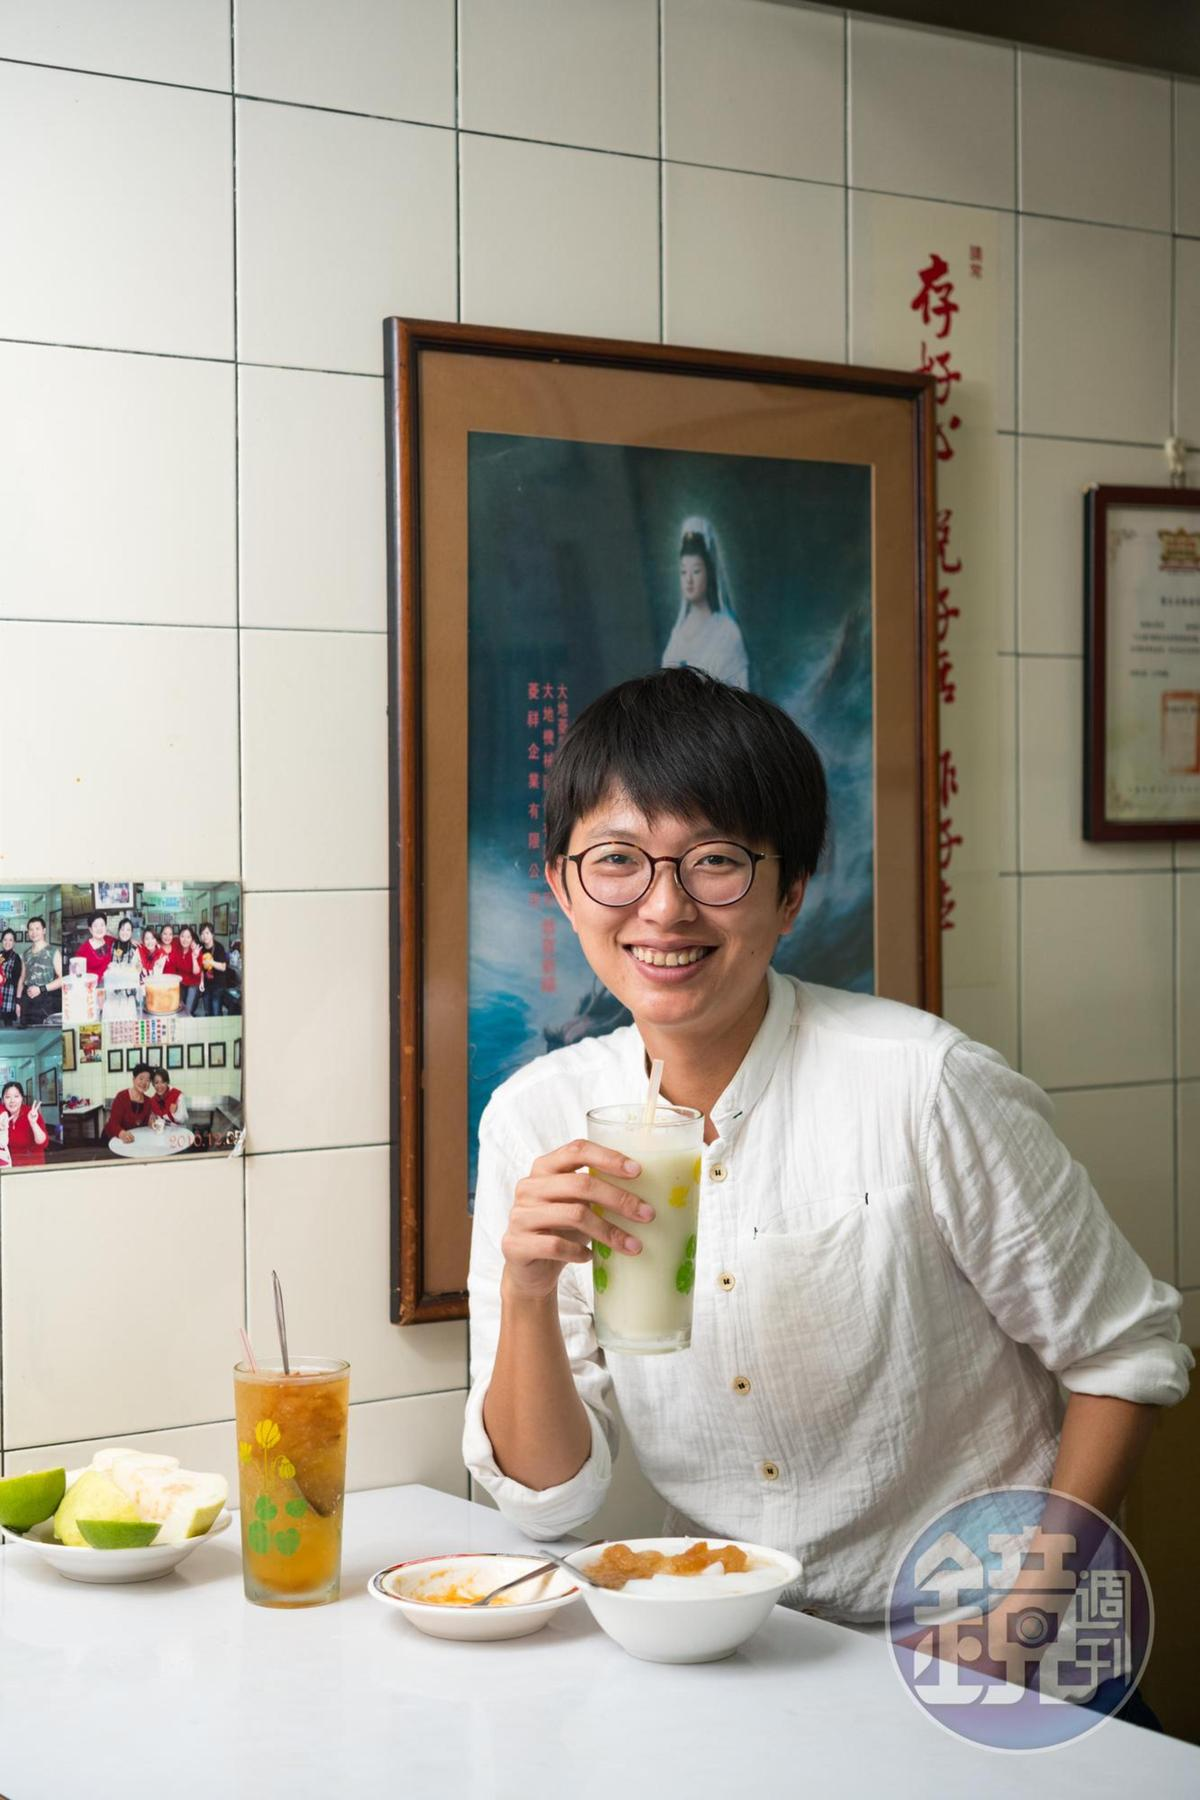 雖然鳳梨冰有名,在地人王莉鈞說芭樂檸檬汁才是「巷子內」的代表。